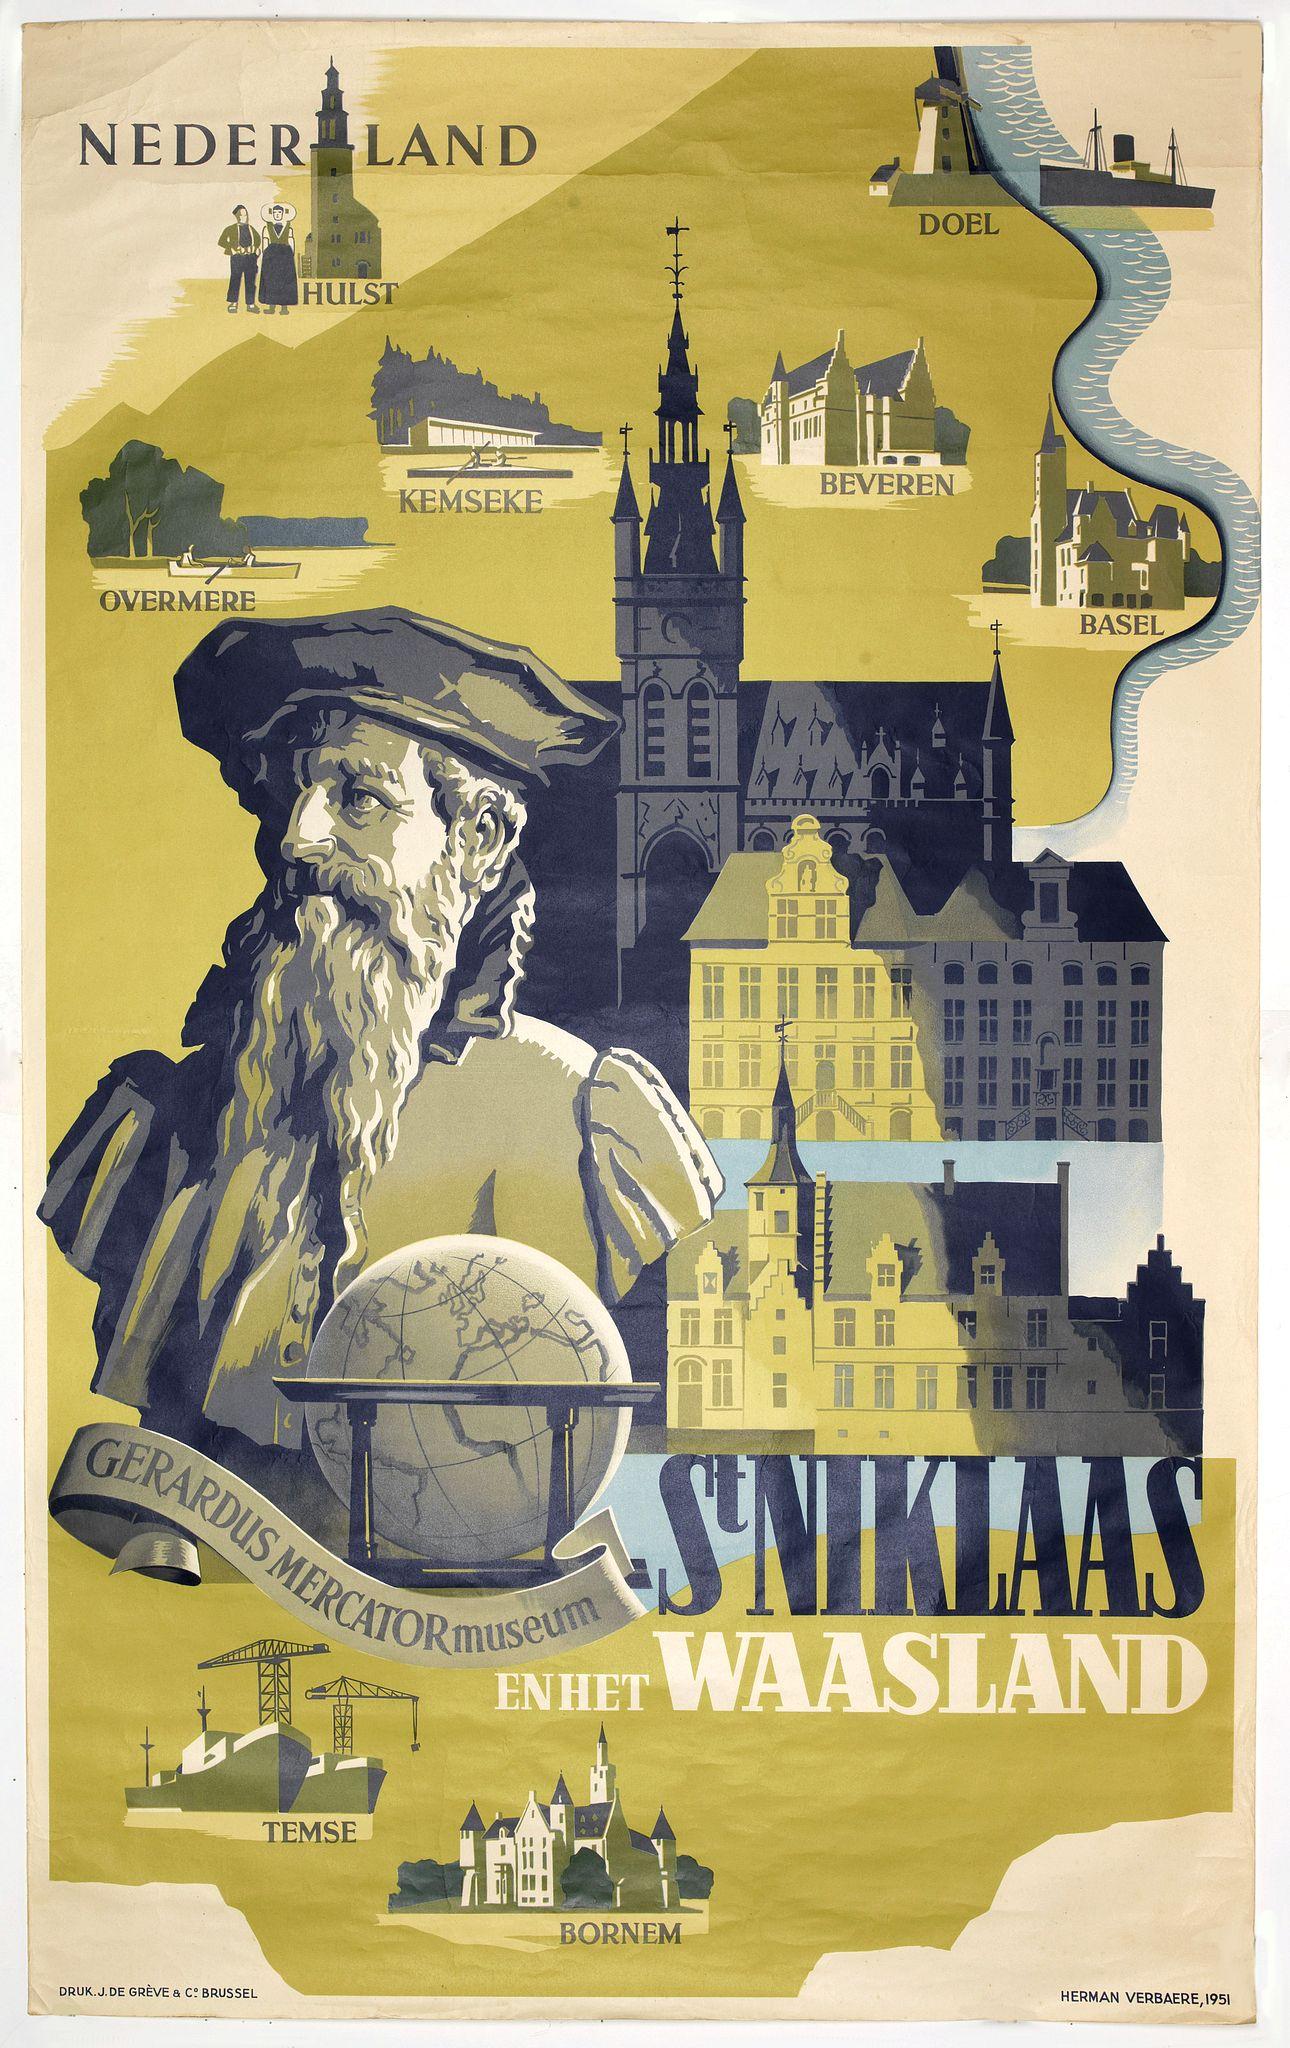 VANBAERE, H. -  Sint Niklaas en het Waasland Gerardus Mercator Museum.